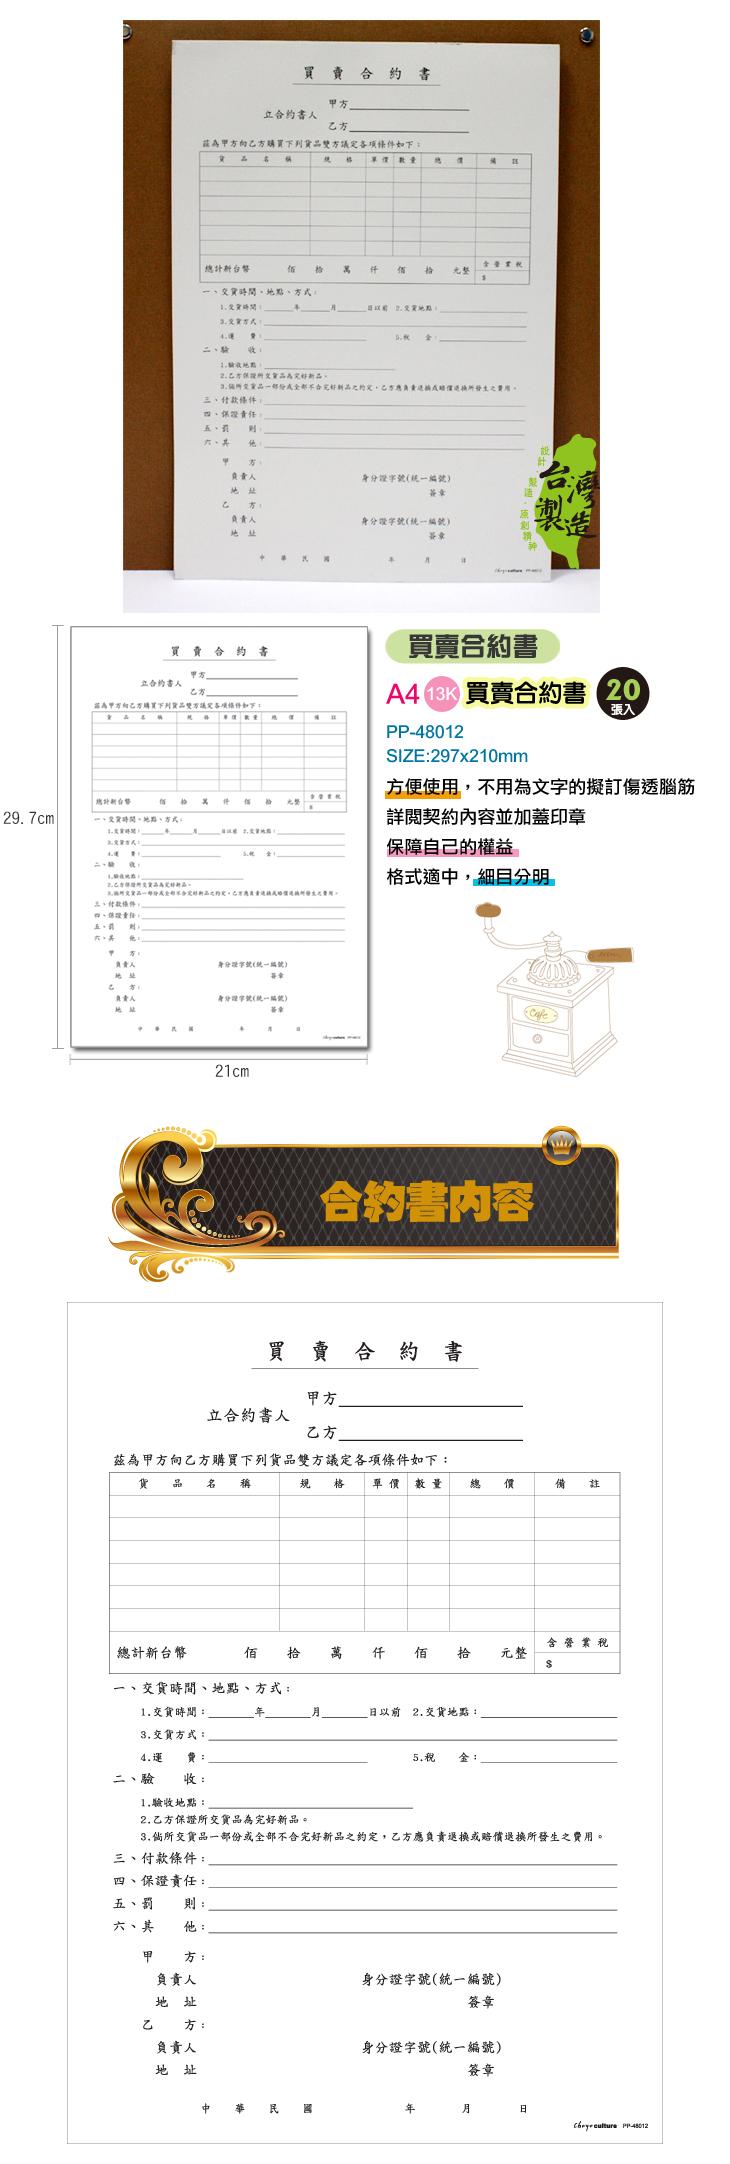 歡迎光臨中華郵政集郵電子商城圖